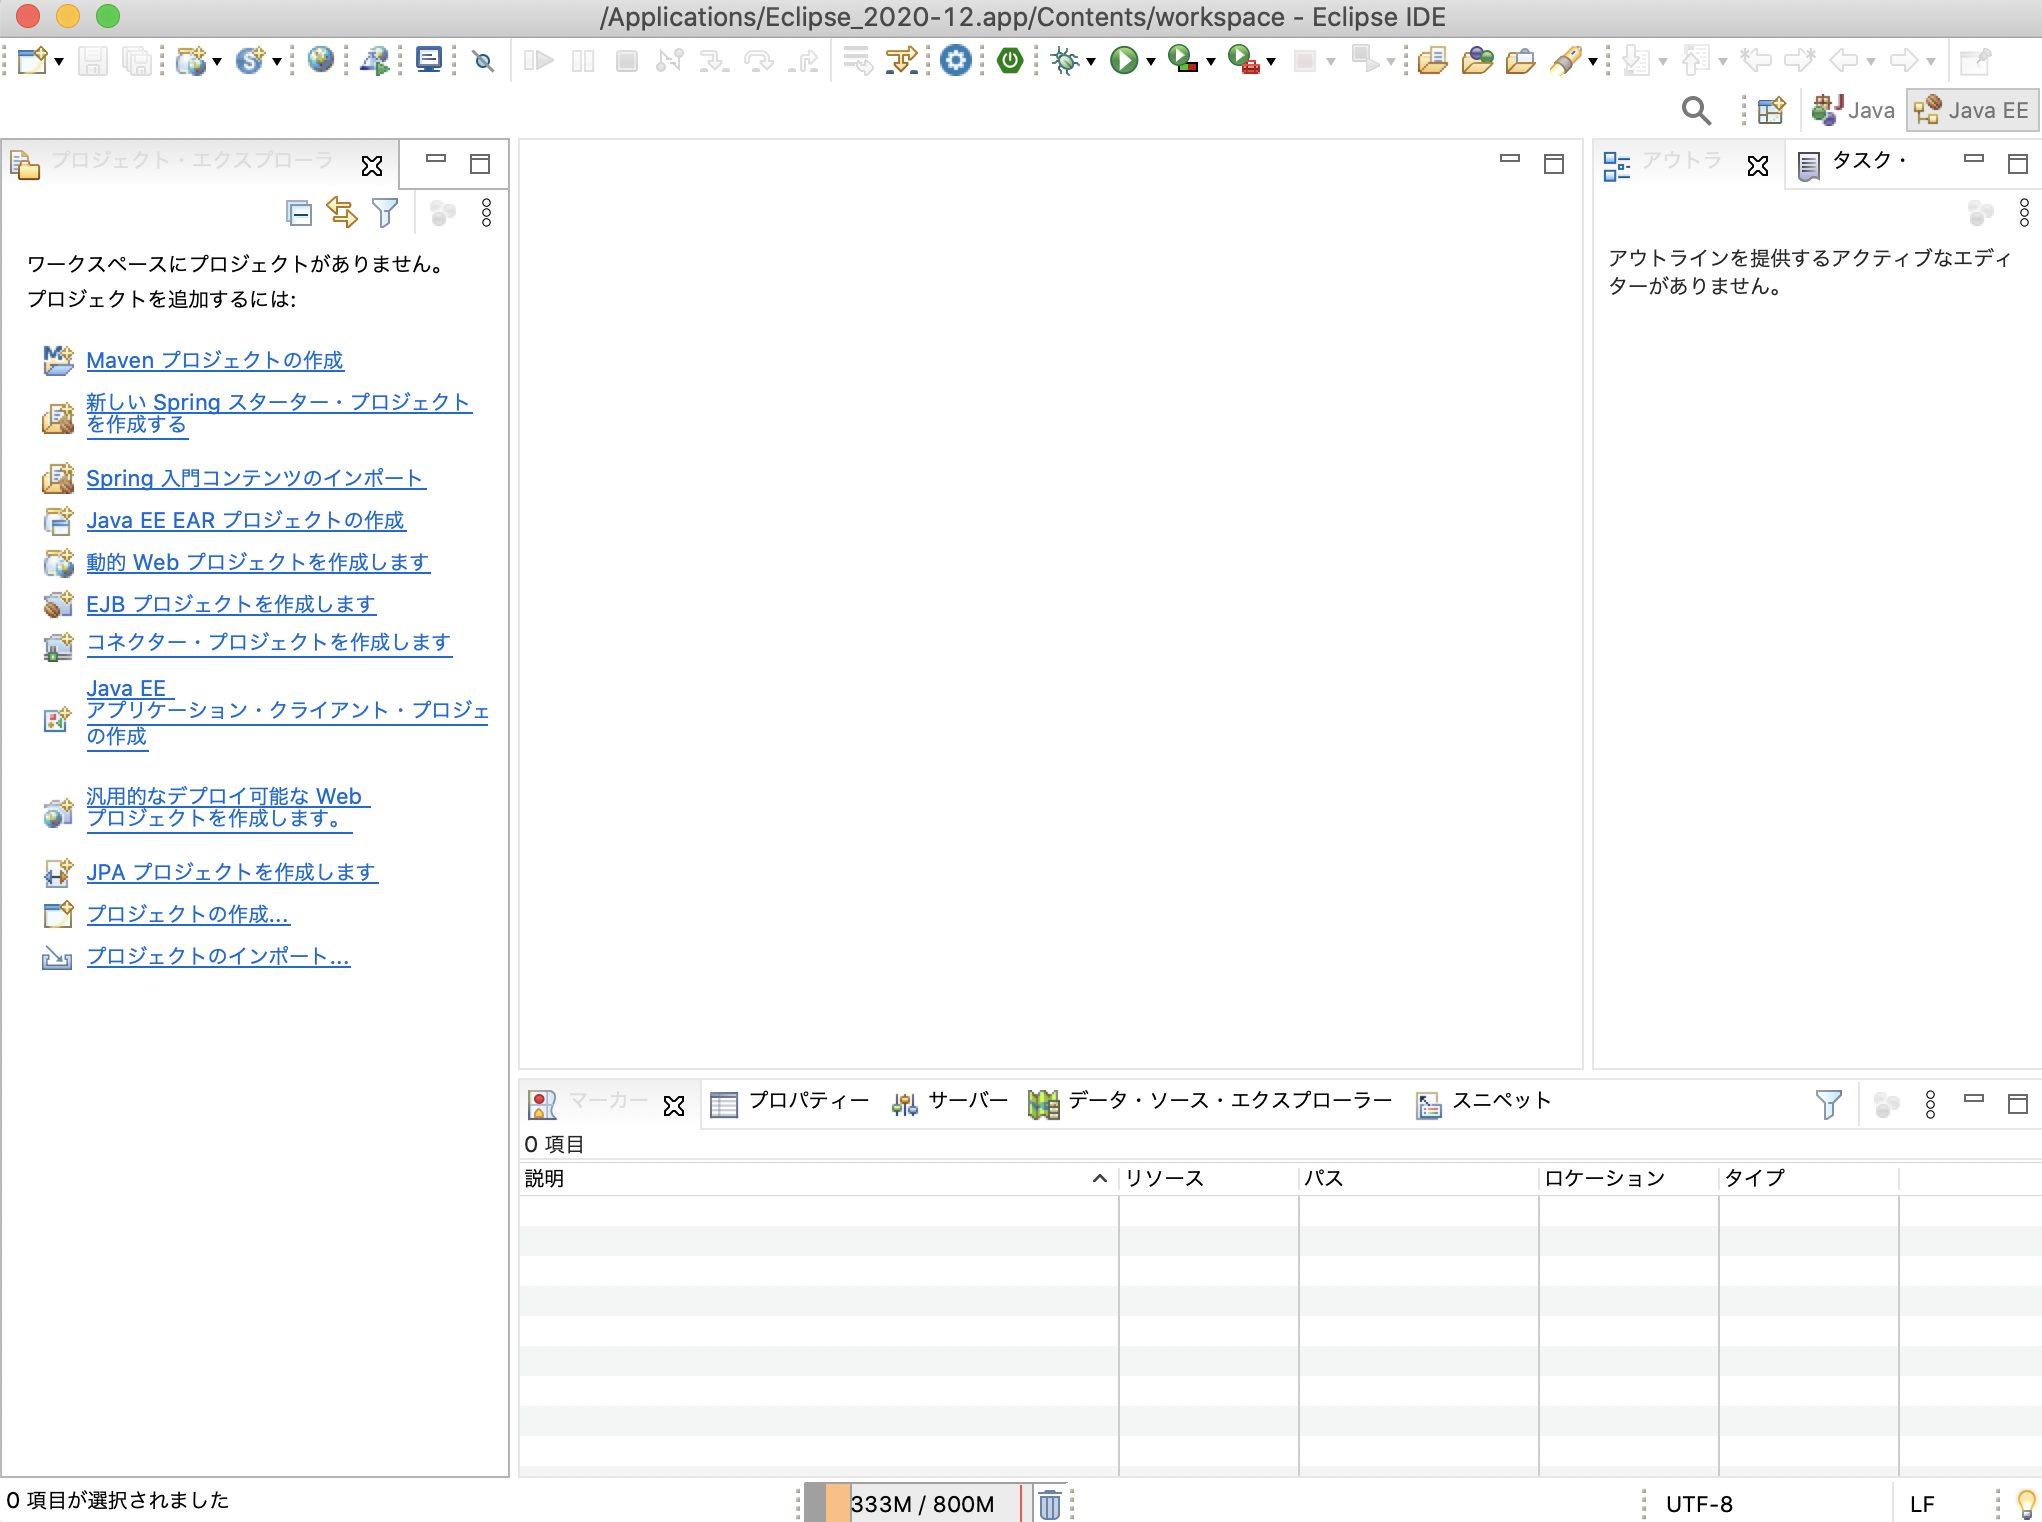 Java EEパースペクティブの画面